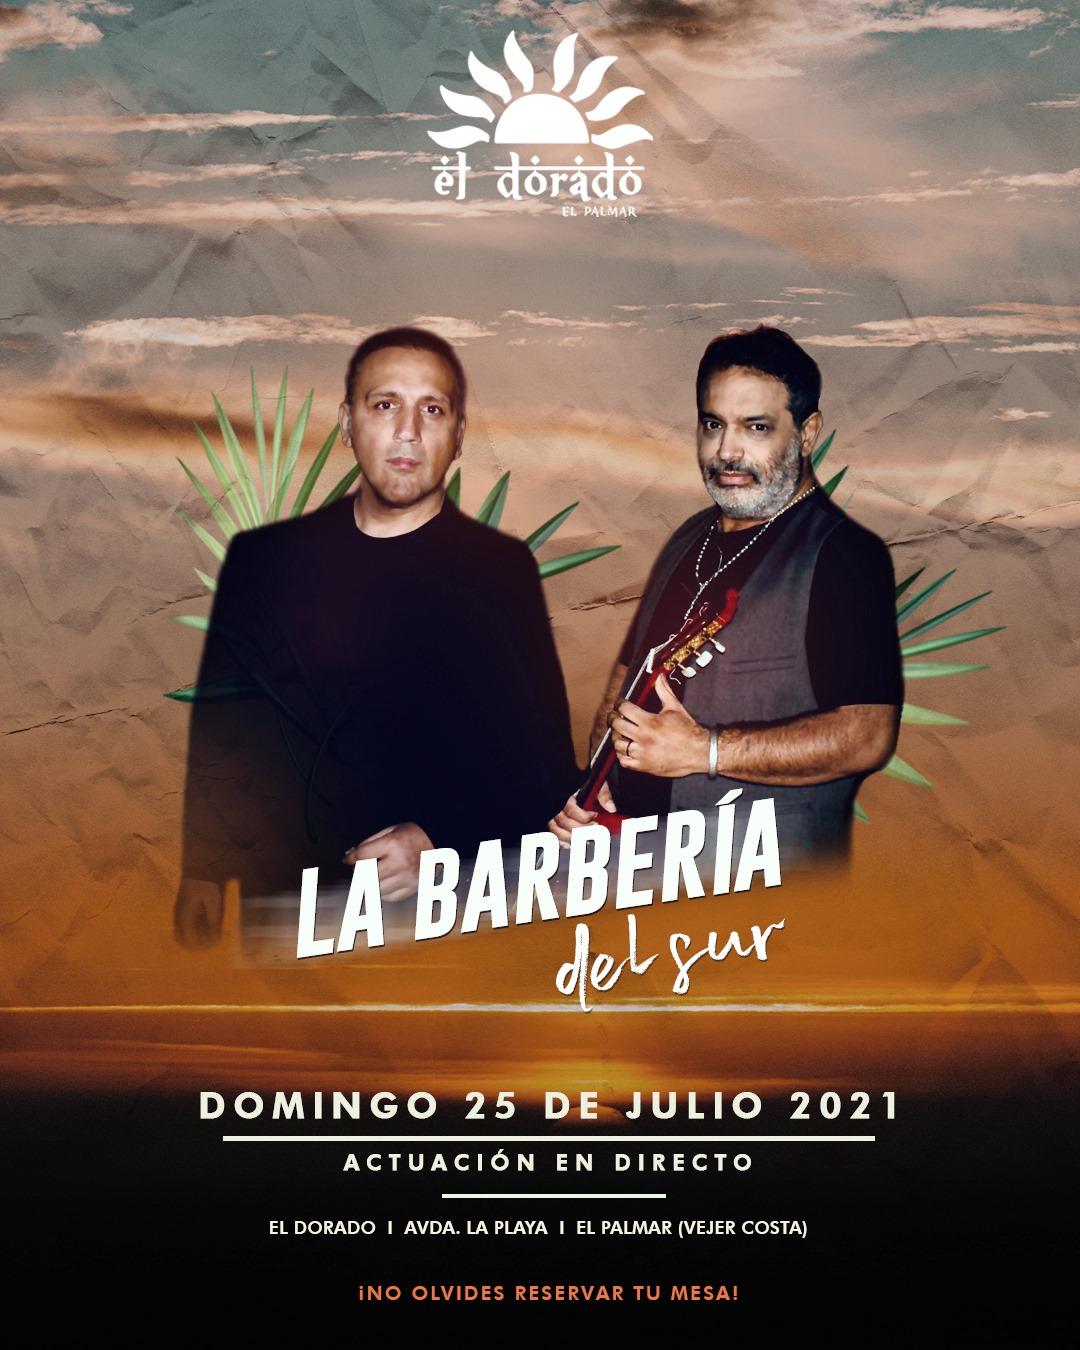 Actuación de La Barbería del Sur en El Dorado El Palmar